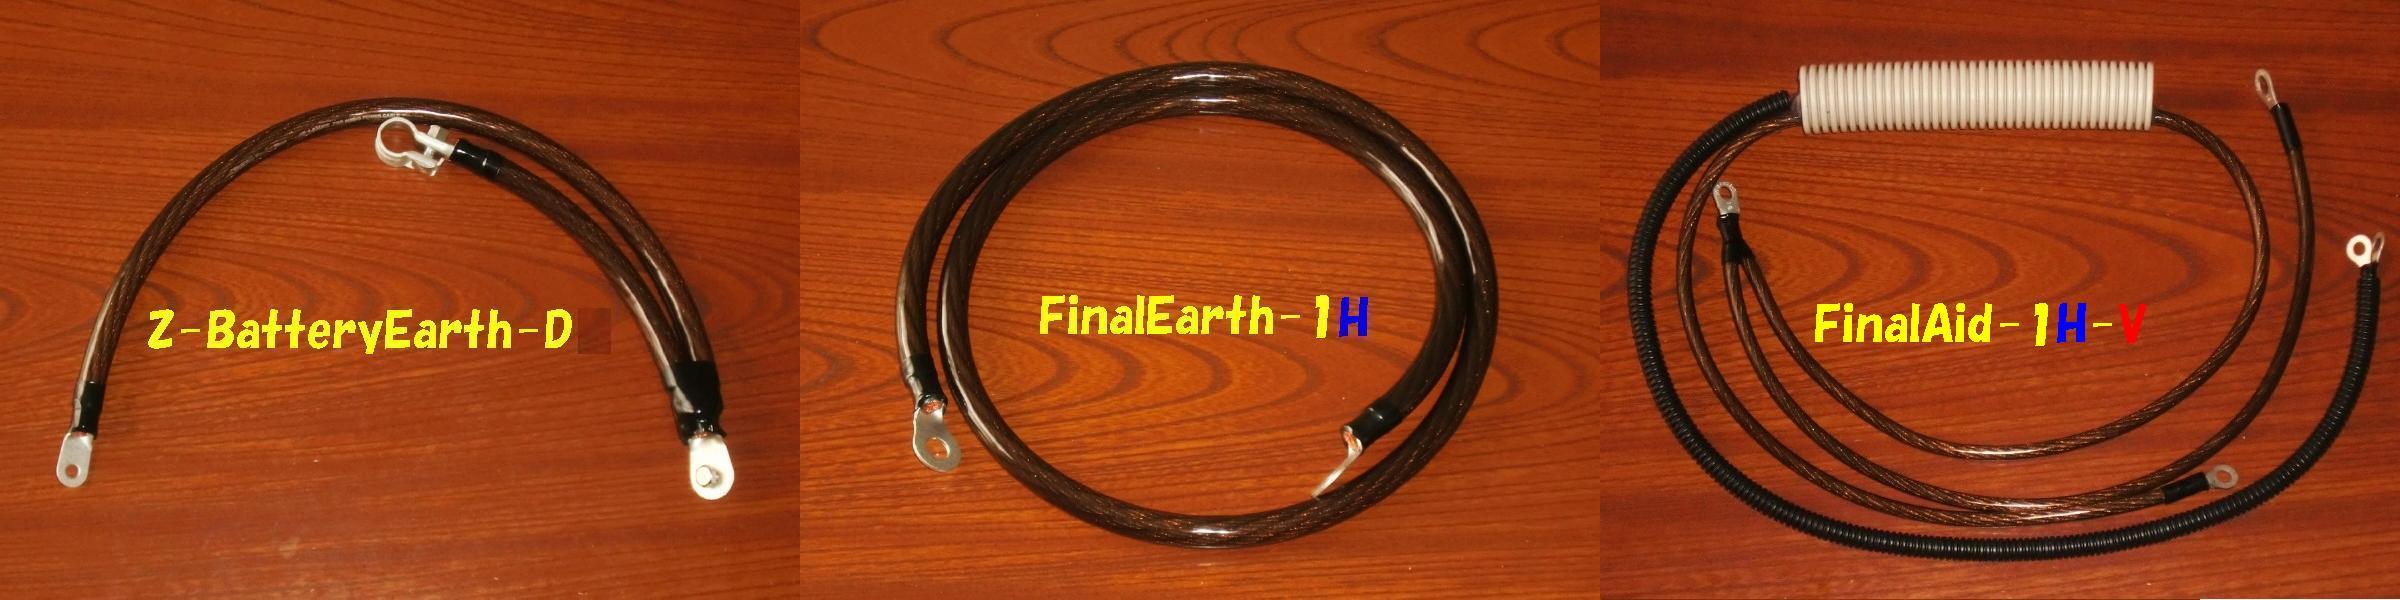 FinalAid-1H-Vの性能を発揮させる為には、FinalEarth-1Hが、そして、Z-BatteryEarthが必須です。